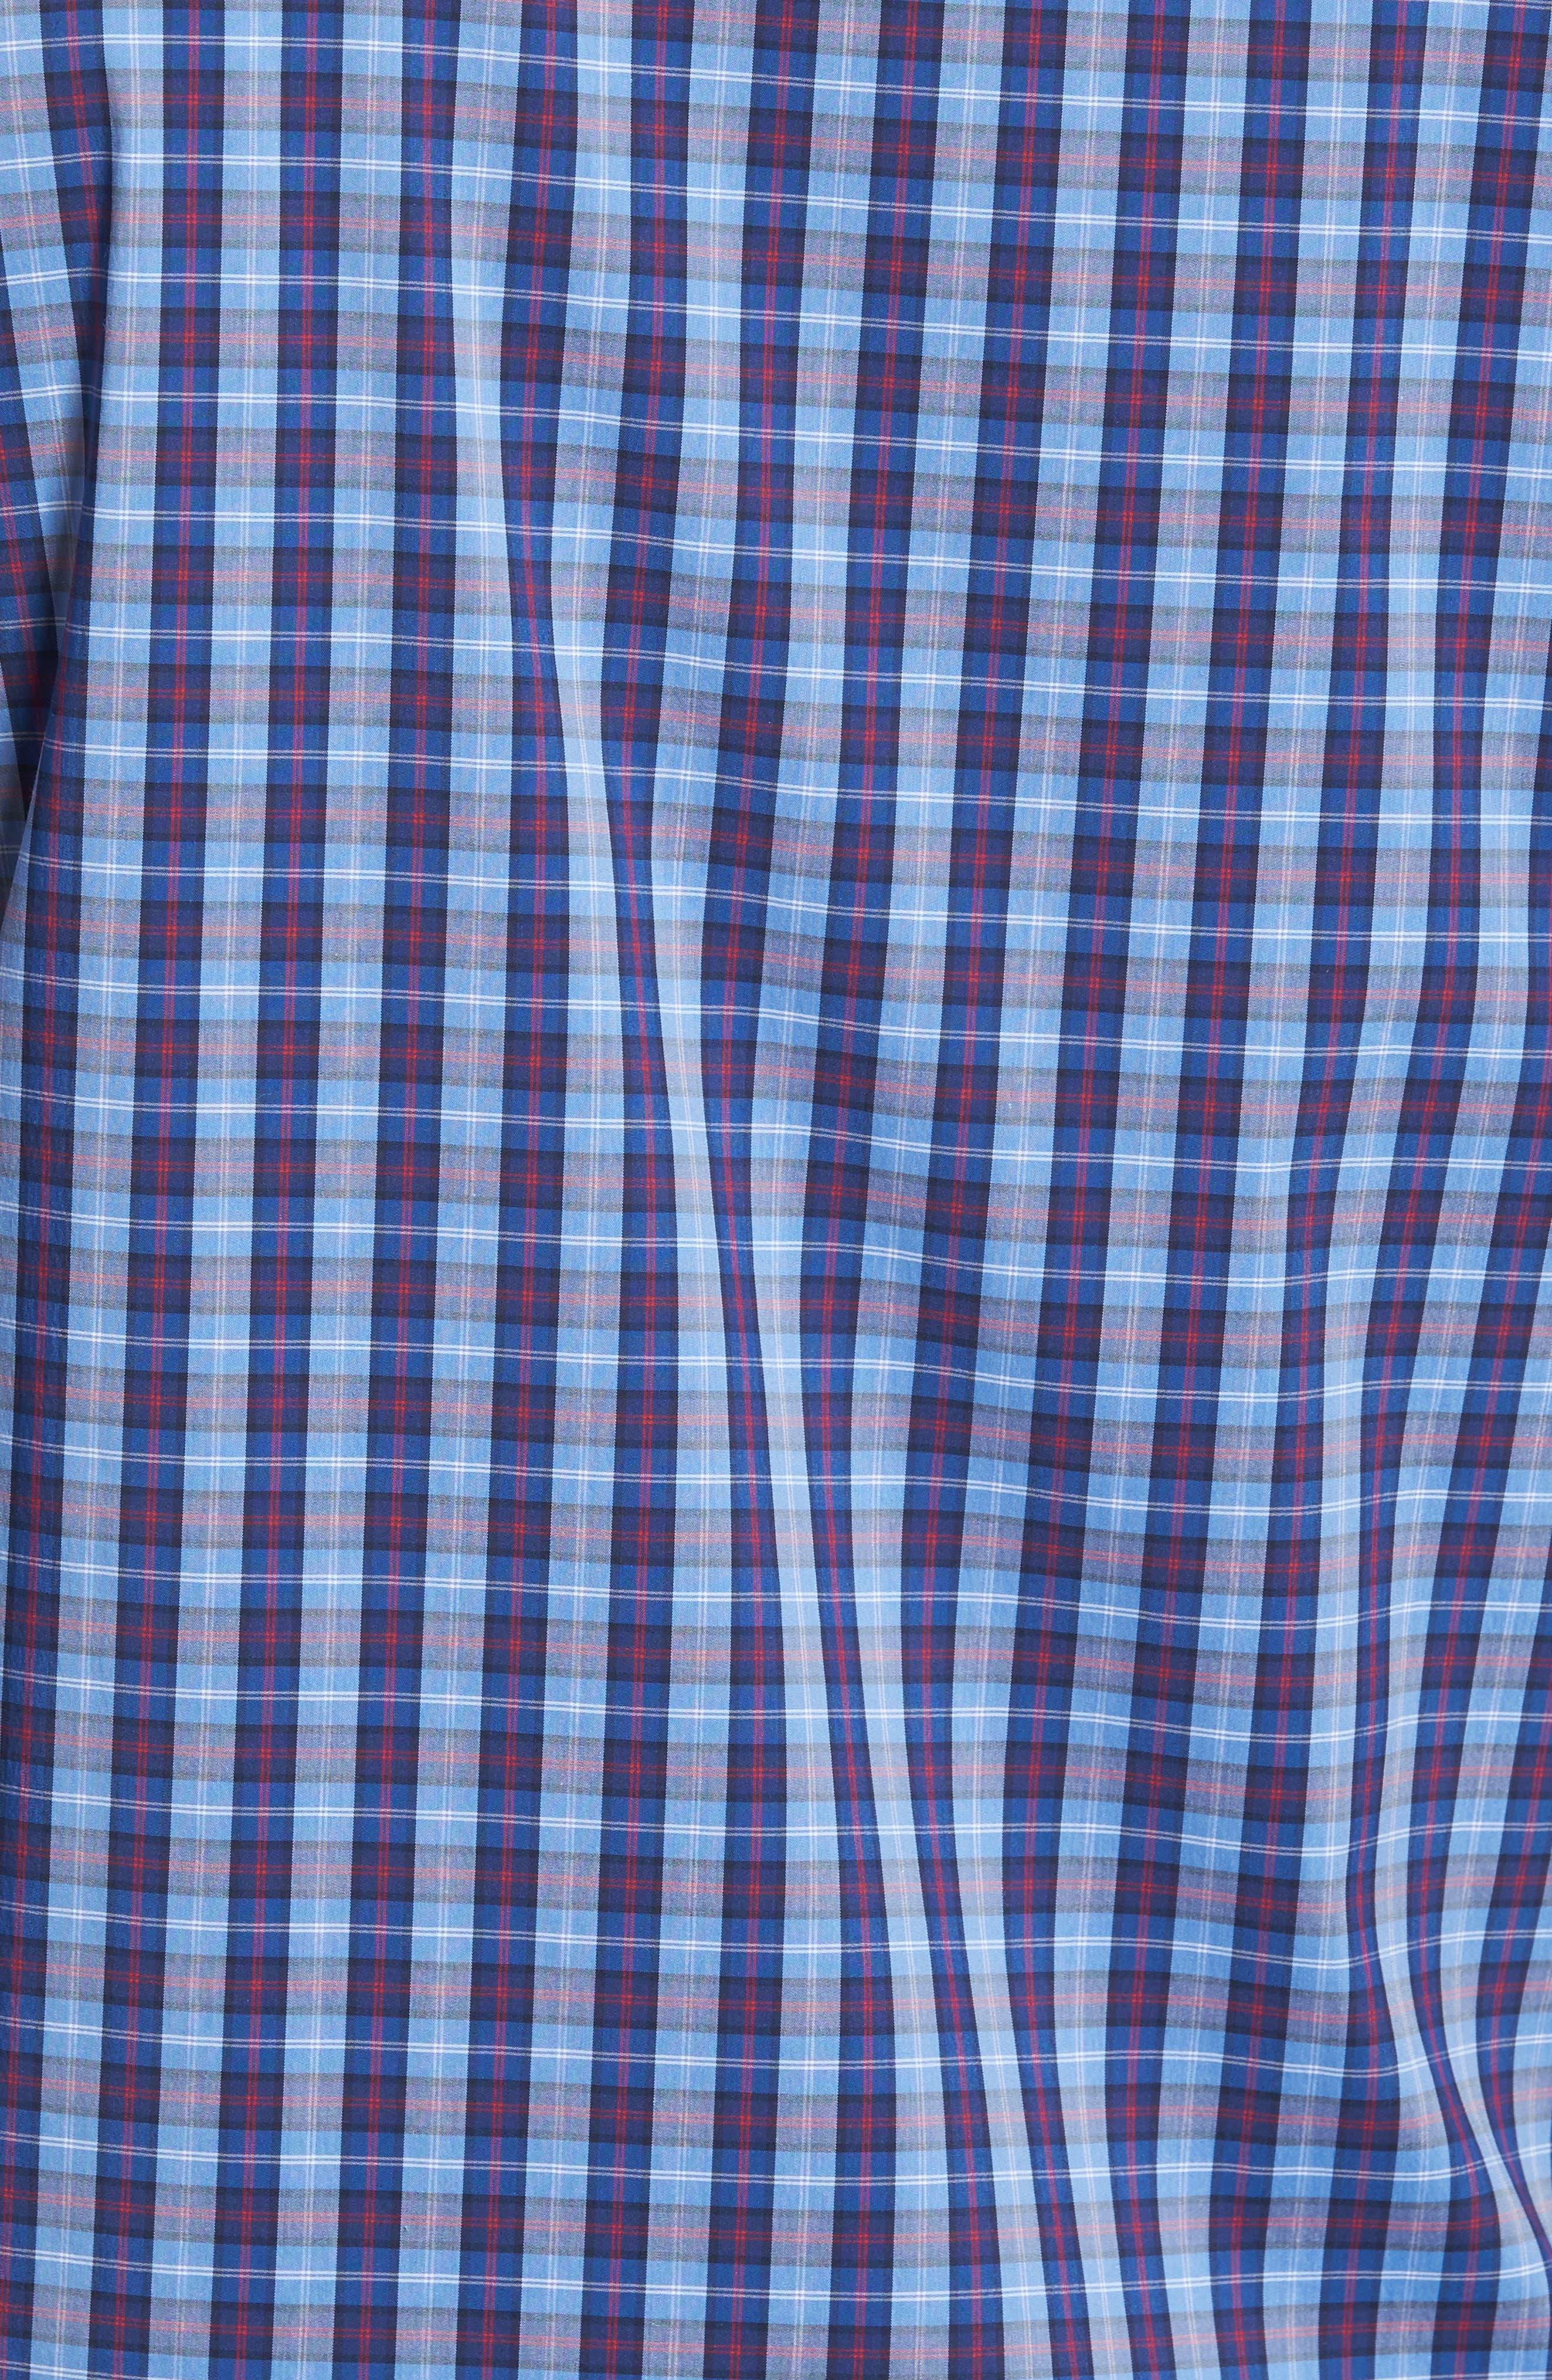 Trim Fit Tech-Smart Plaid Sport Shirt,                             Alternate thumbnail 5, color,                             Blue Hydrangea Navy Plaid